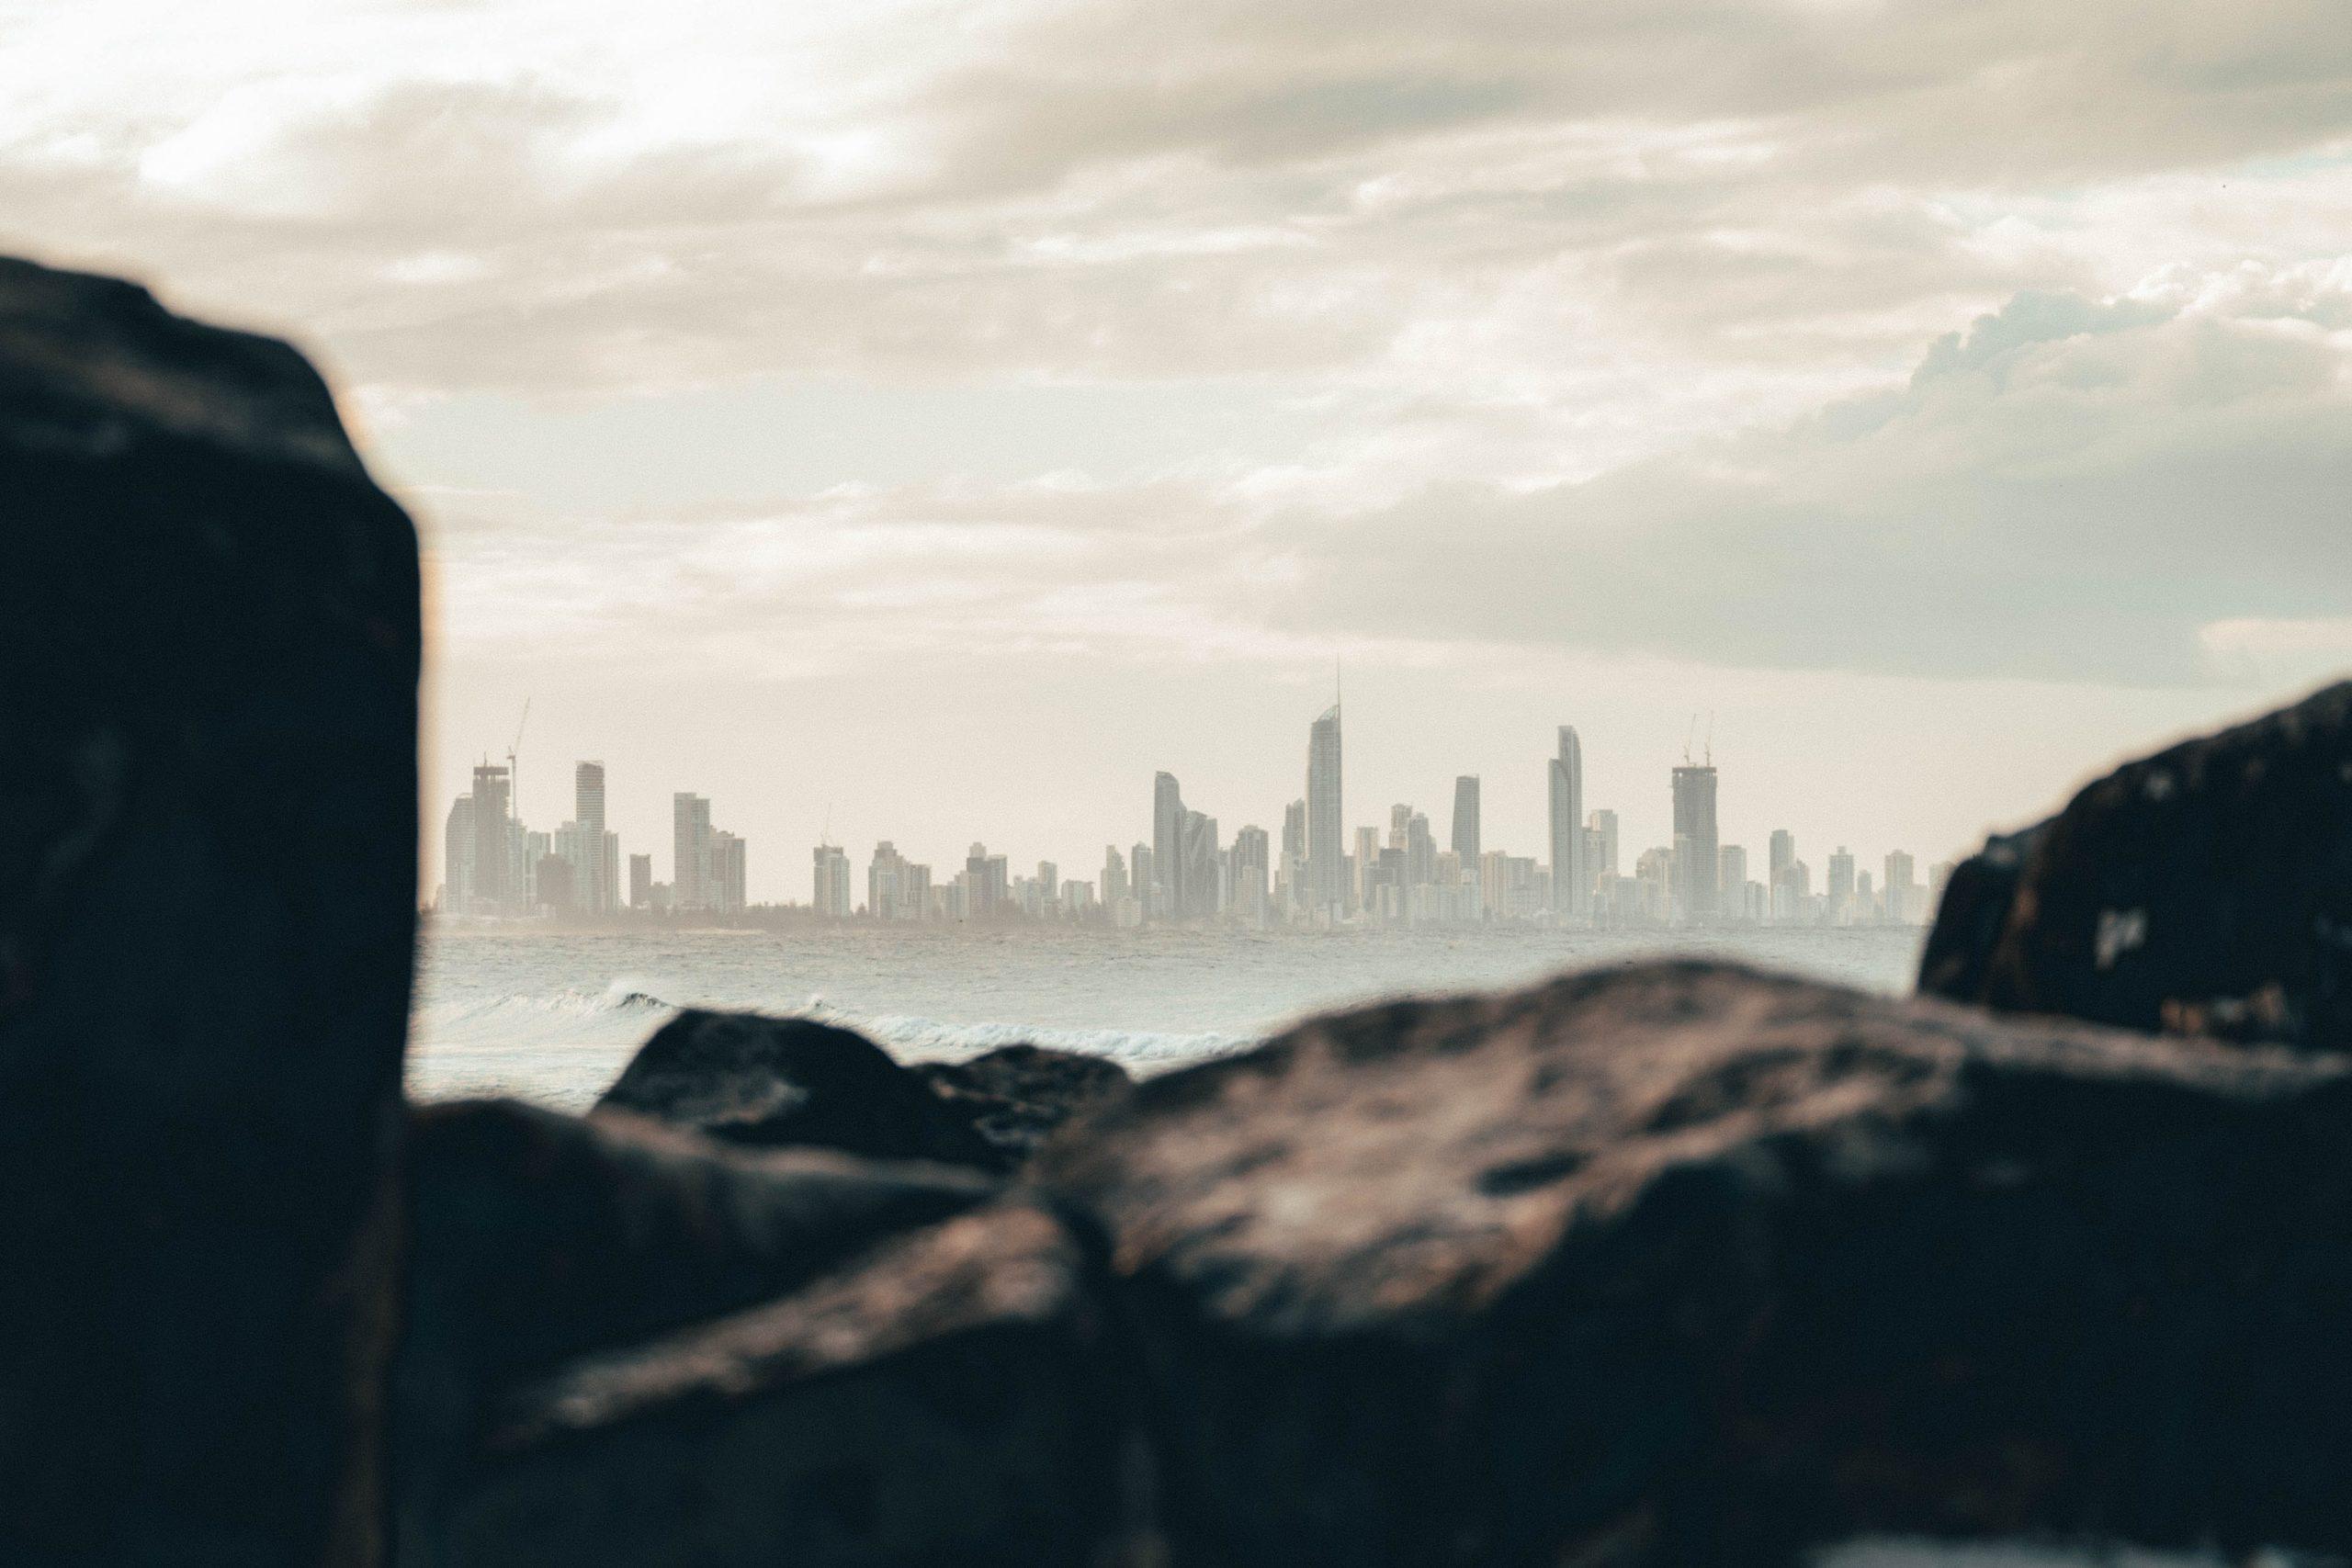 City and Buildings behind ocean rocks